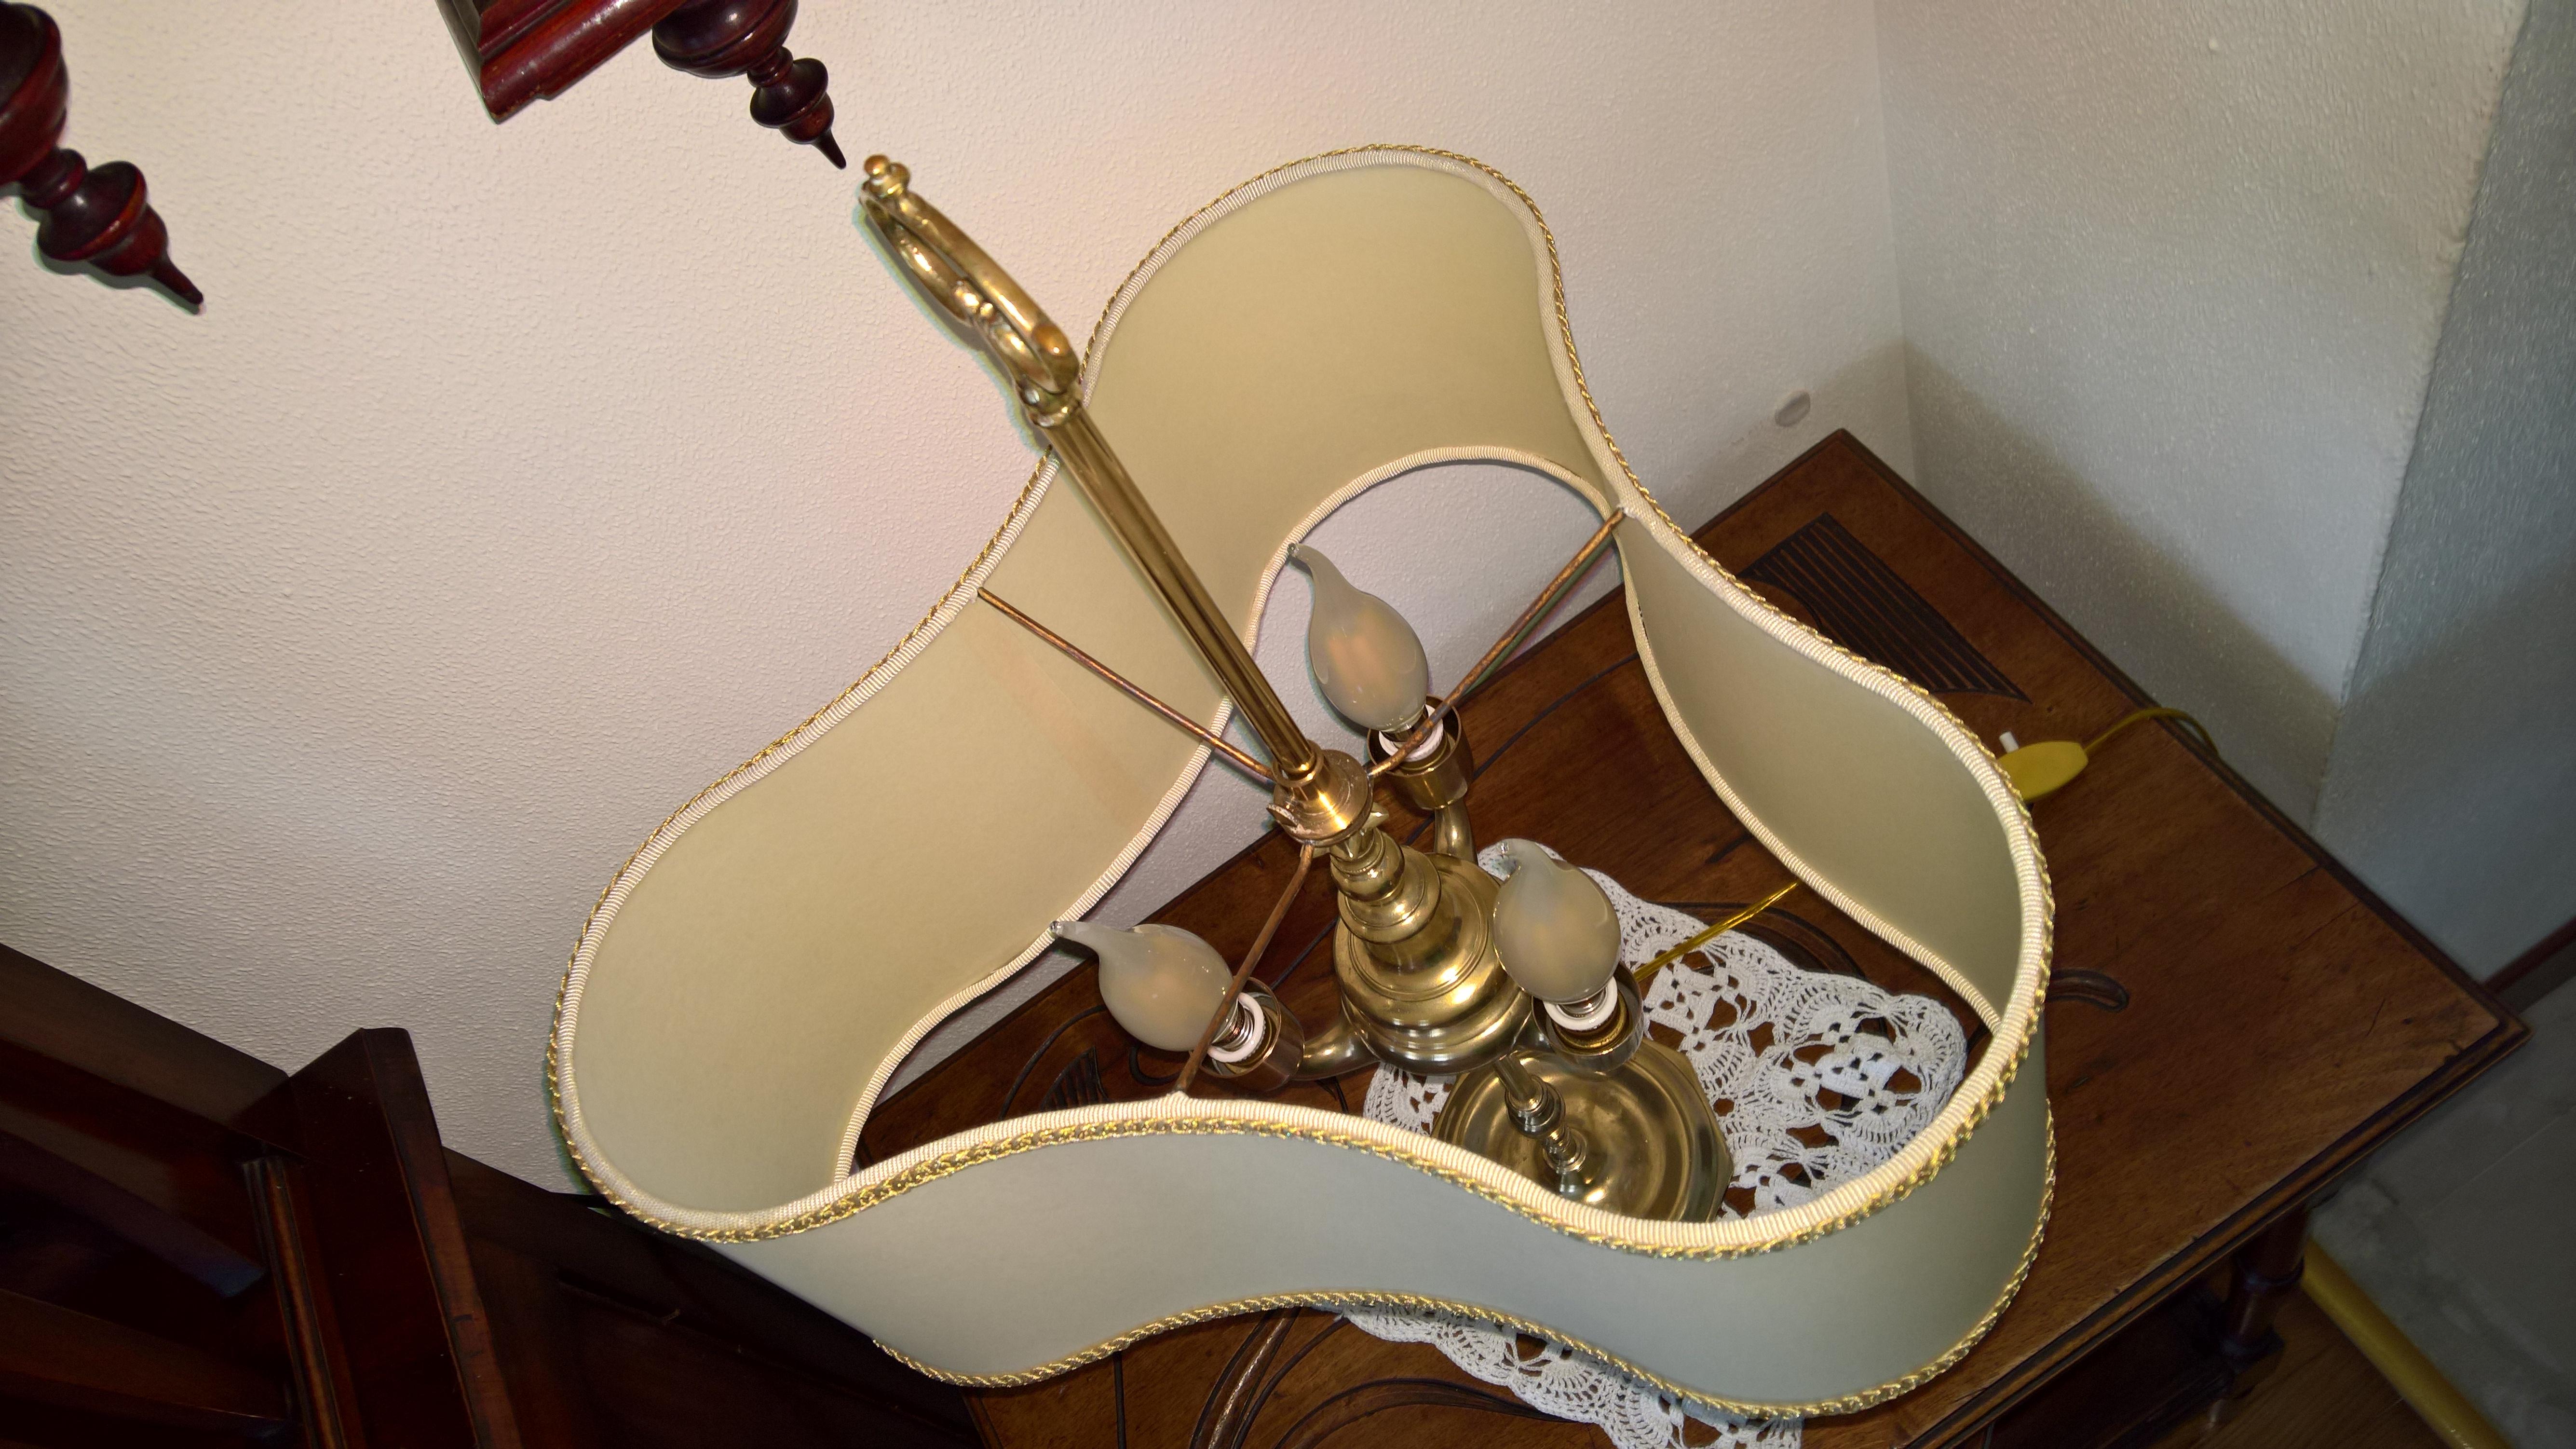 Lampada Fiorentina : Produciamo lampadari applique lampade plafoniere lume e